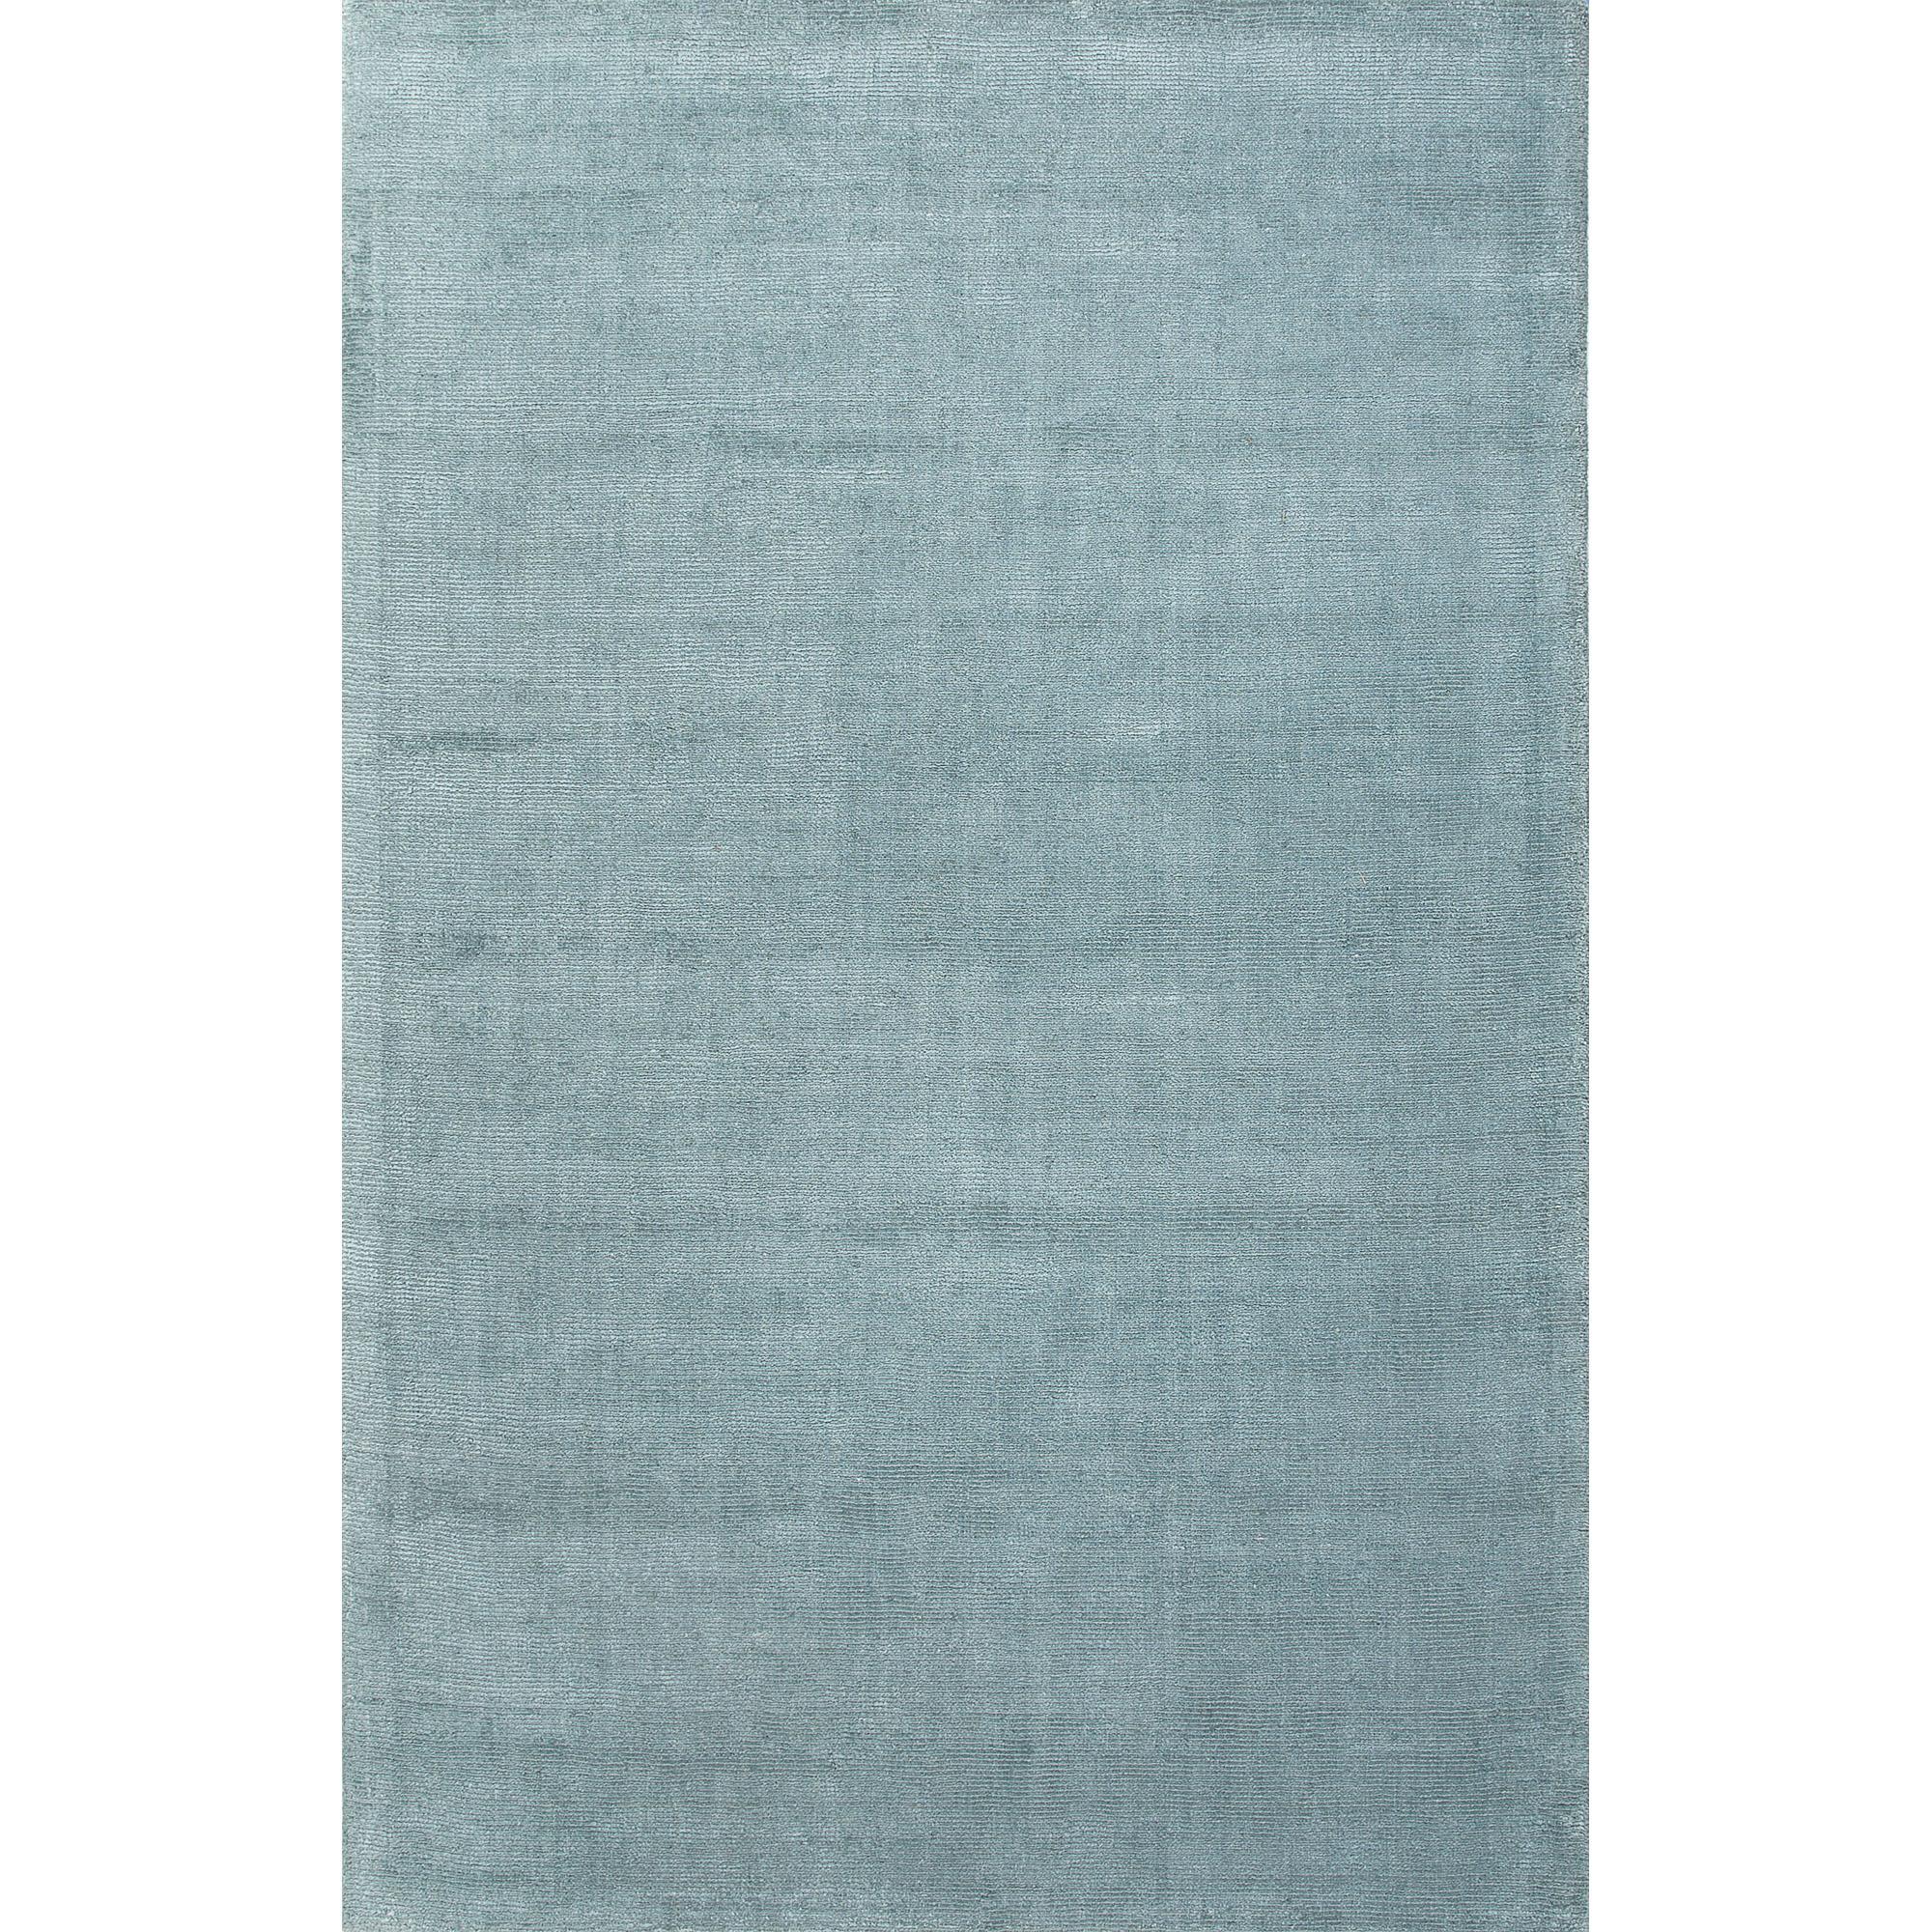 JAIPUR Rugs Konstrukt 8 x 10 Rug - Item Number: RUG108123